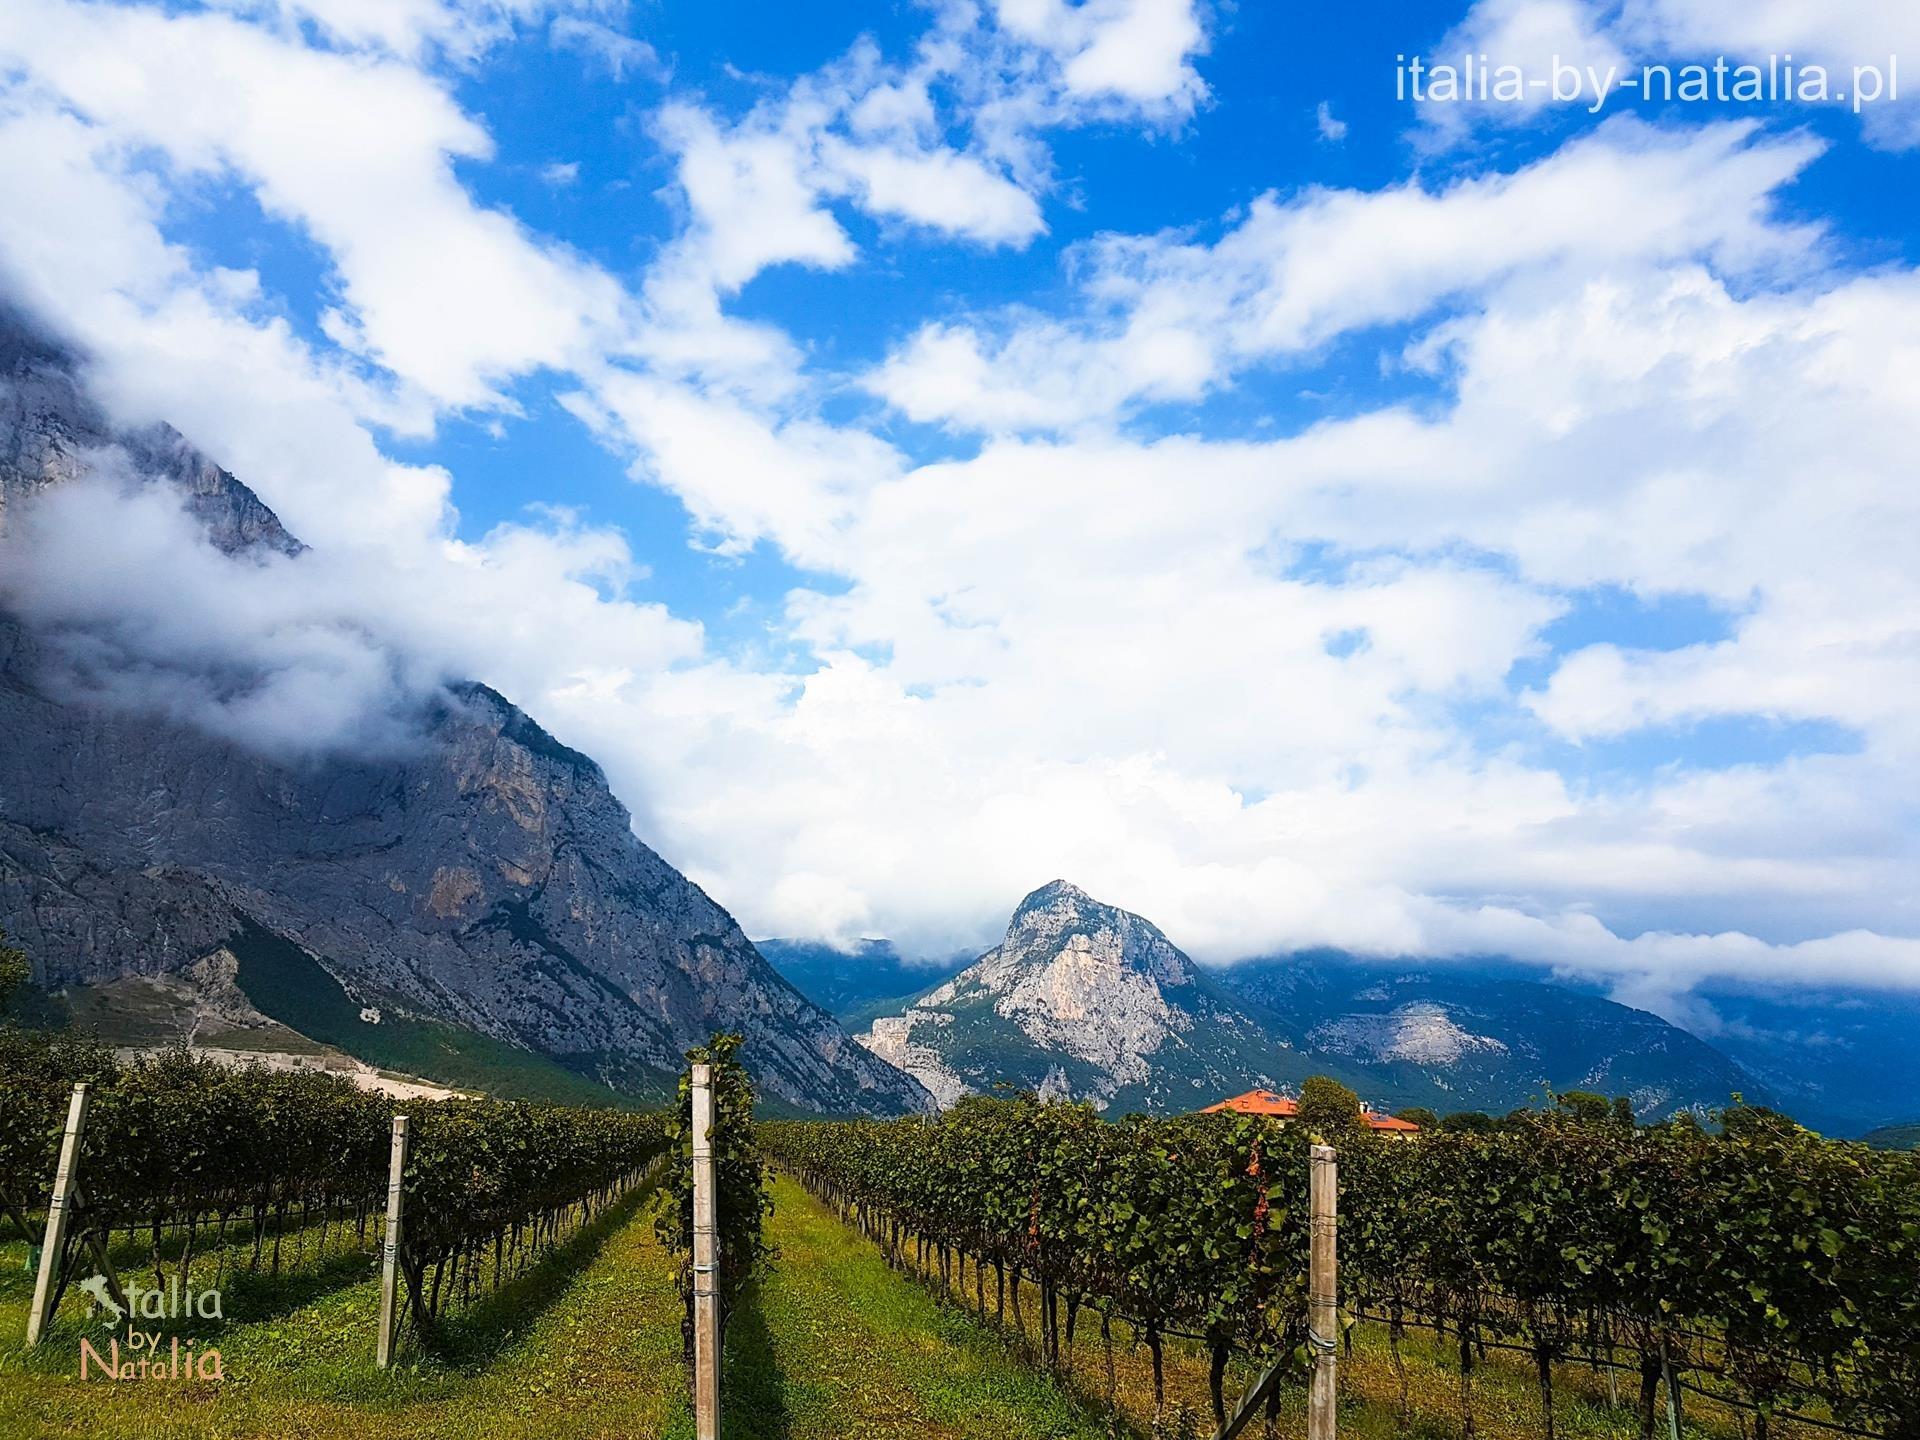 winica Trentino Sarca Riva del Garda Dro Arco góry Velle dei Laghi